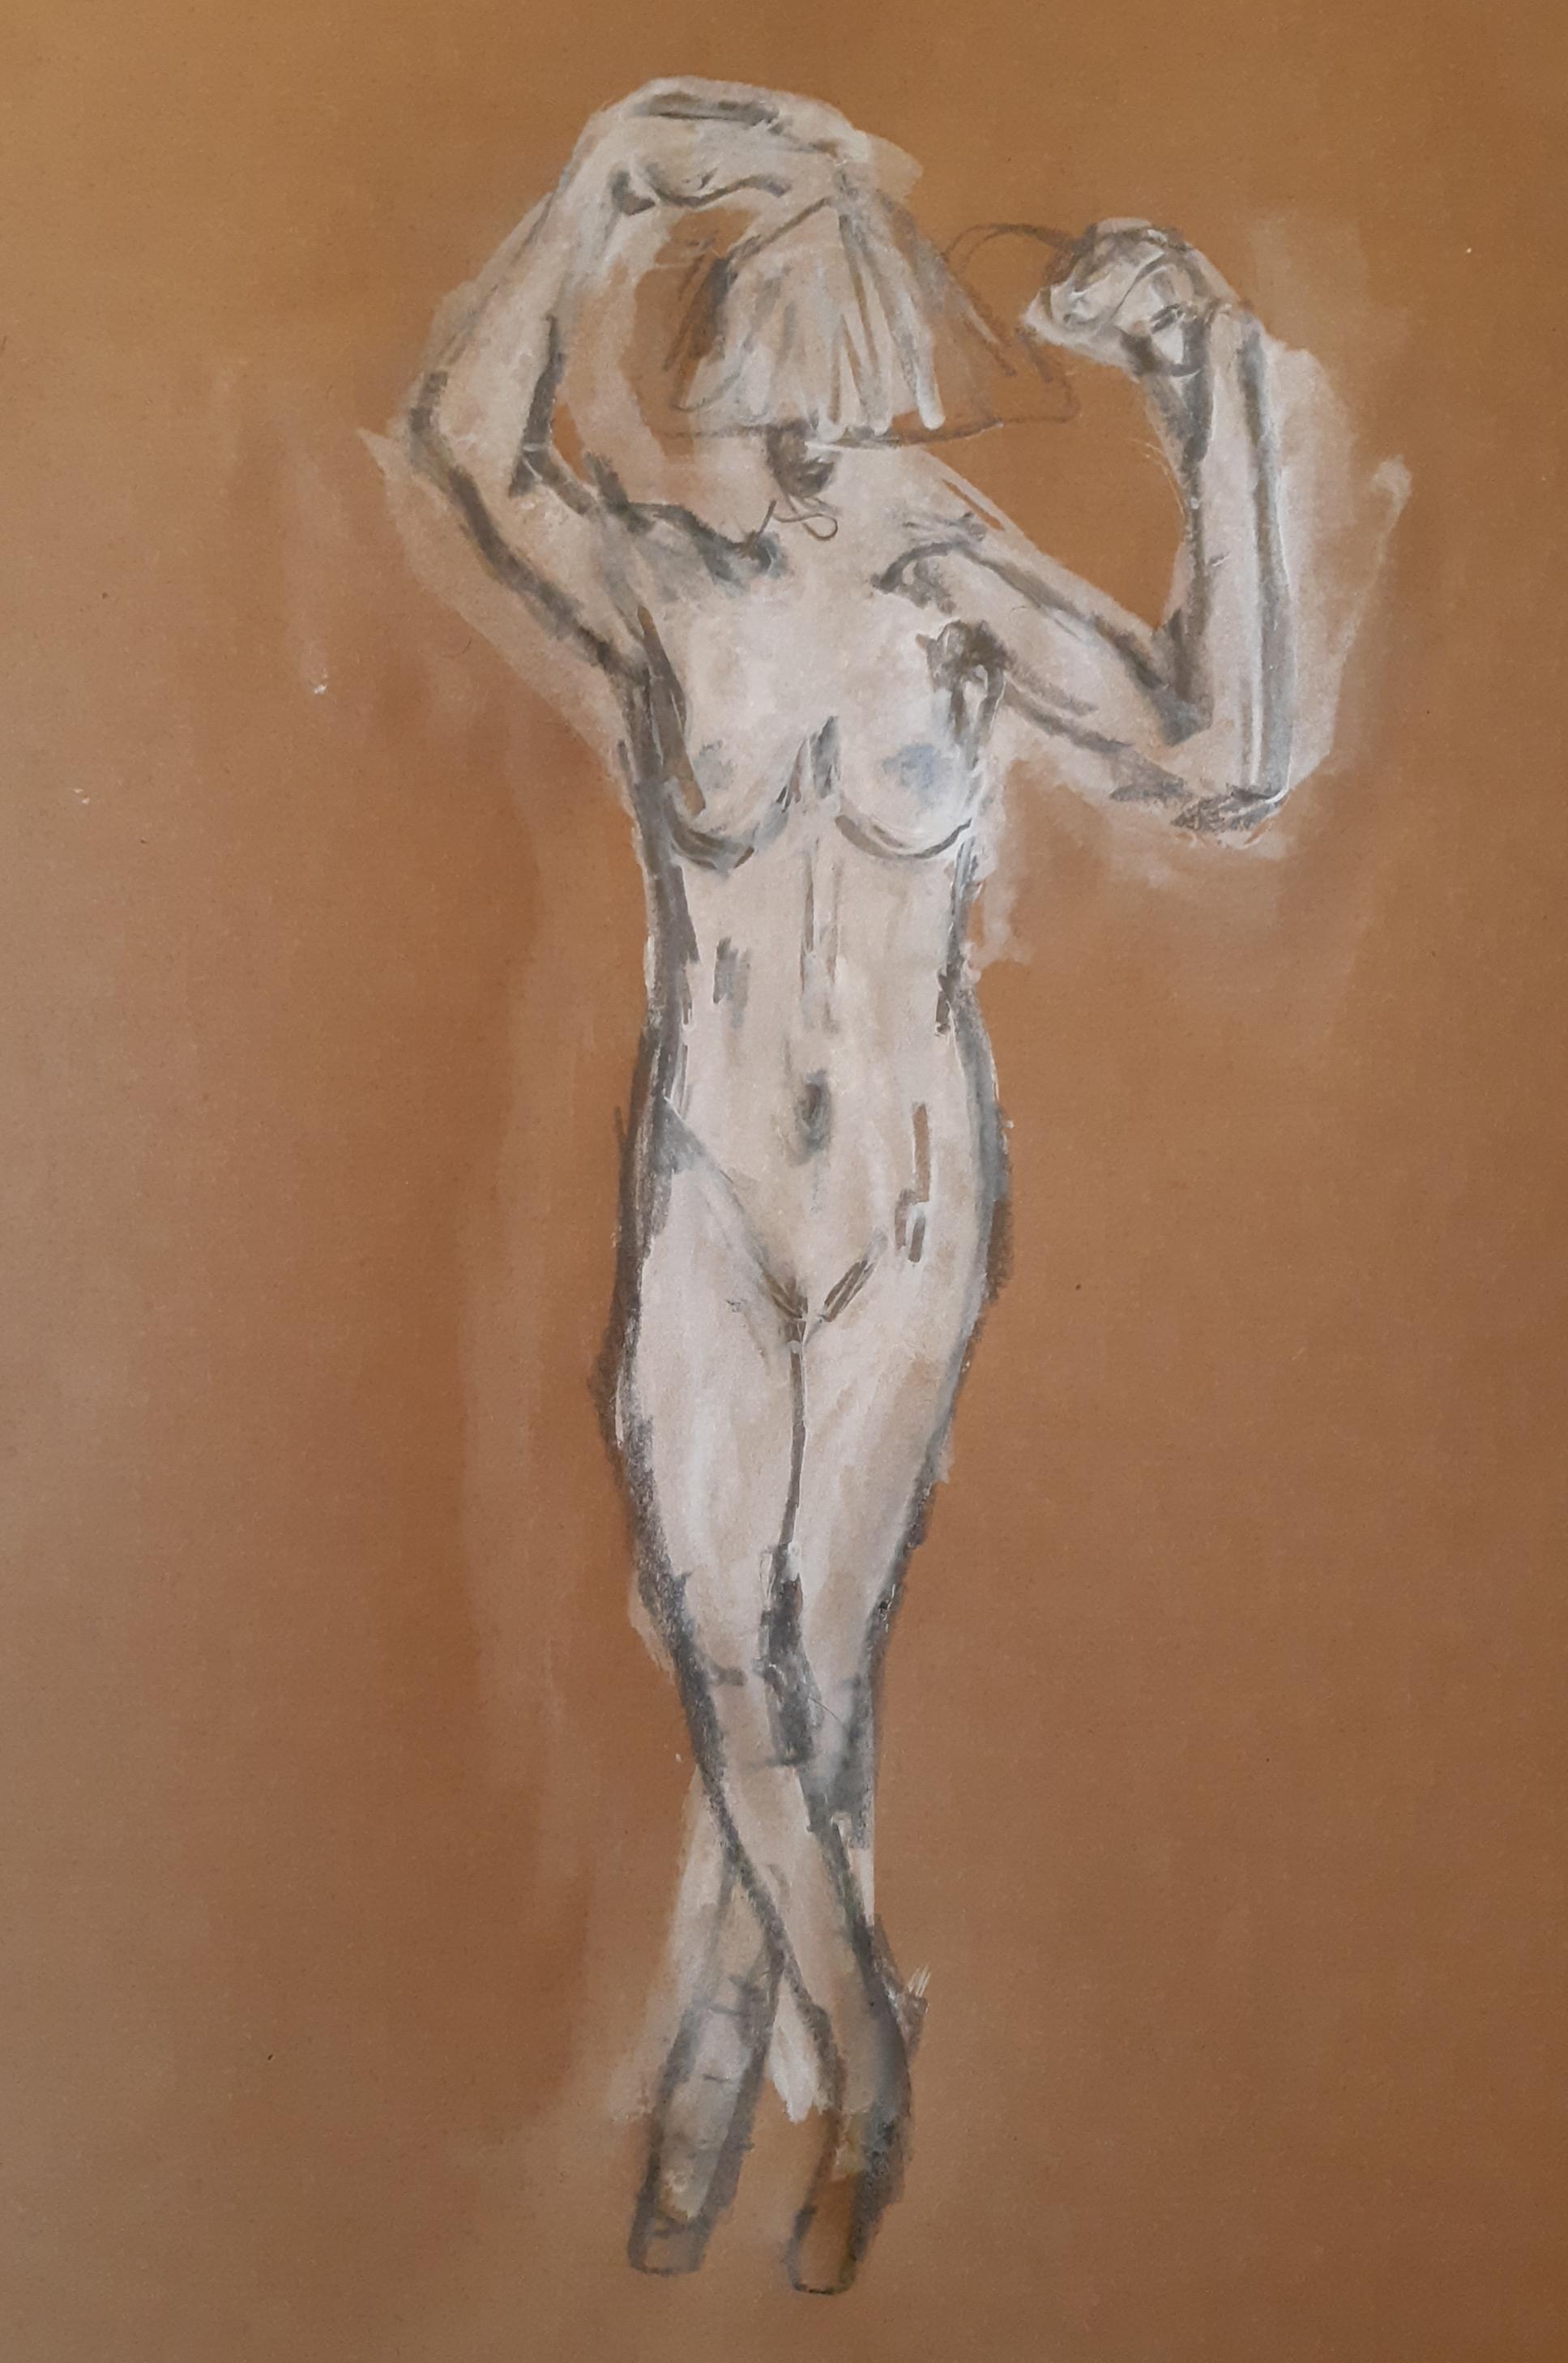 Technique mixte peinture blanche sur fond marron avec feutre noir  cours de dessin